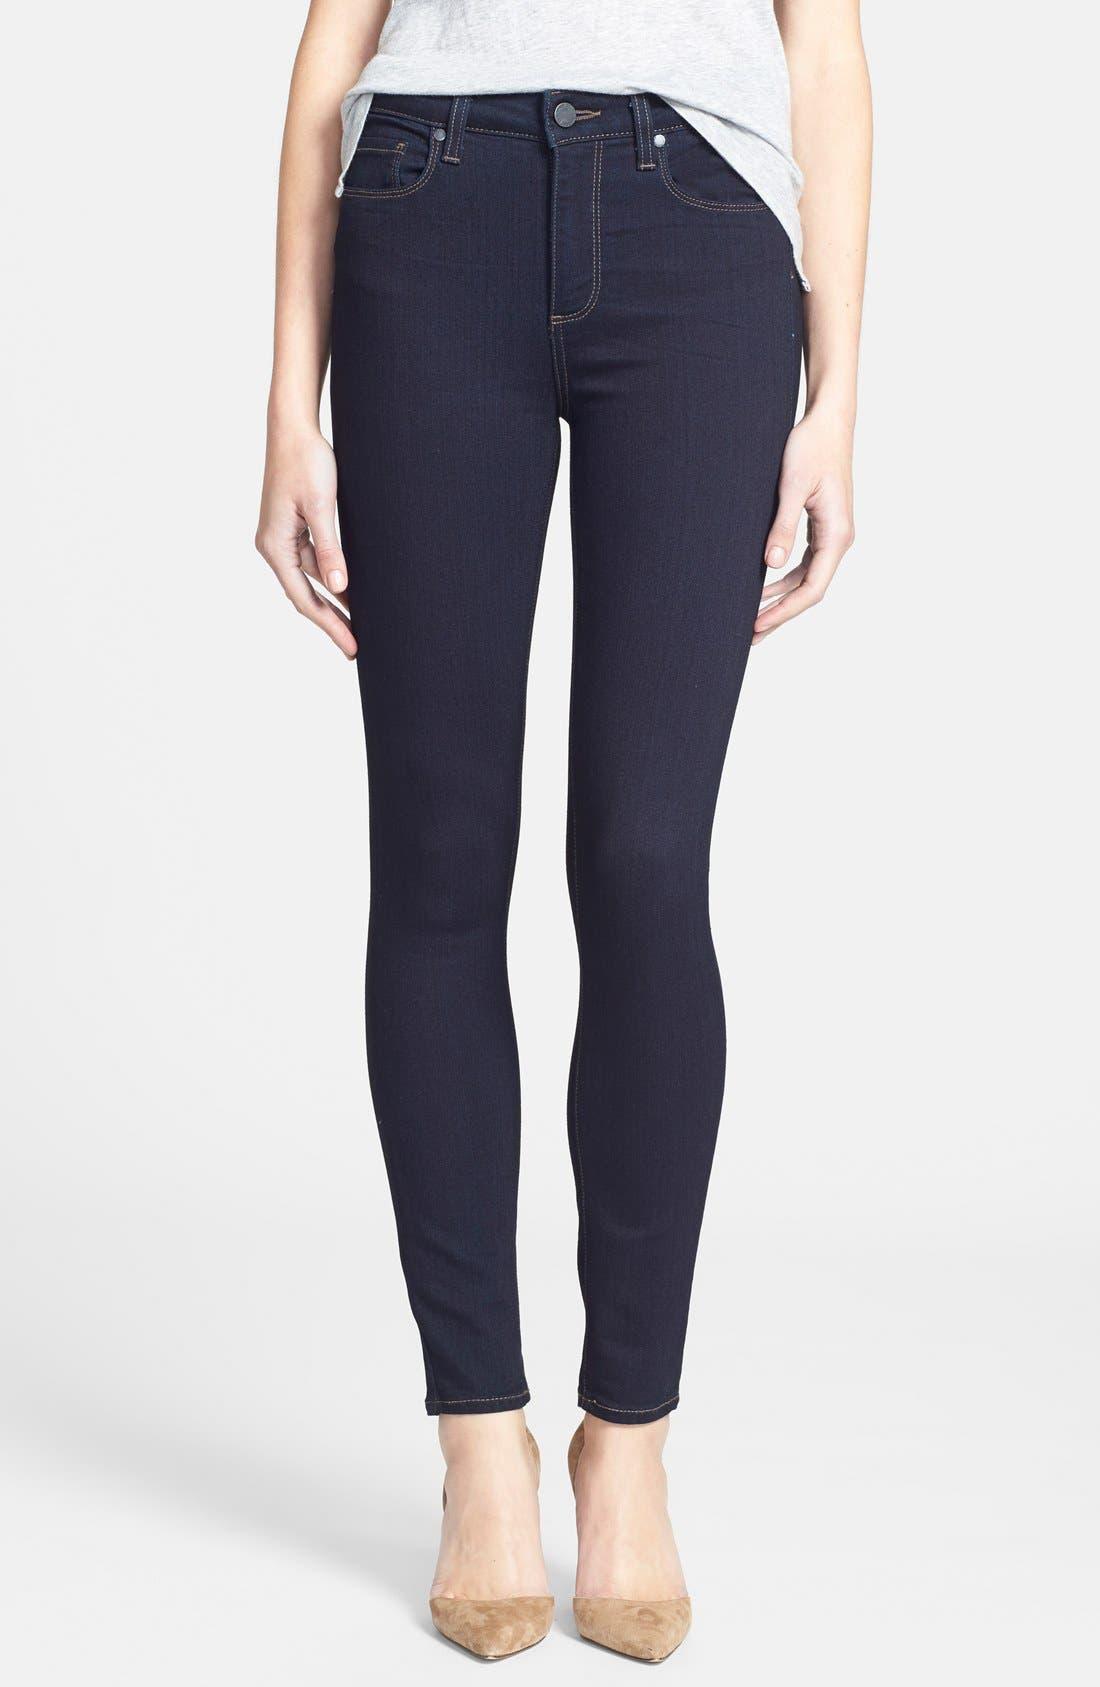 Denim 'Transcend - Hoxton' High Rise Ankle Jeans,                         Main,                         color, 001